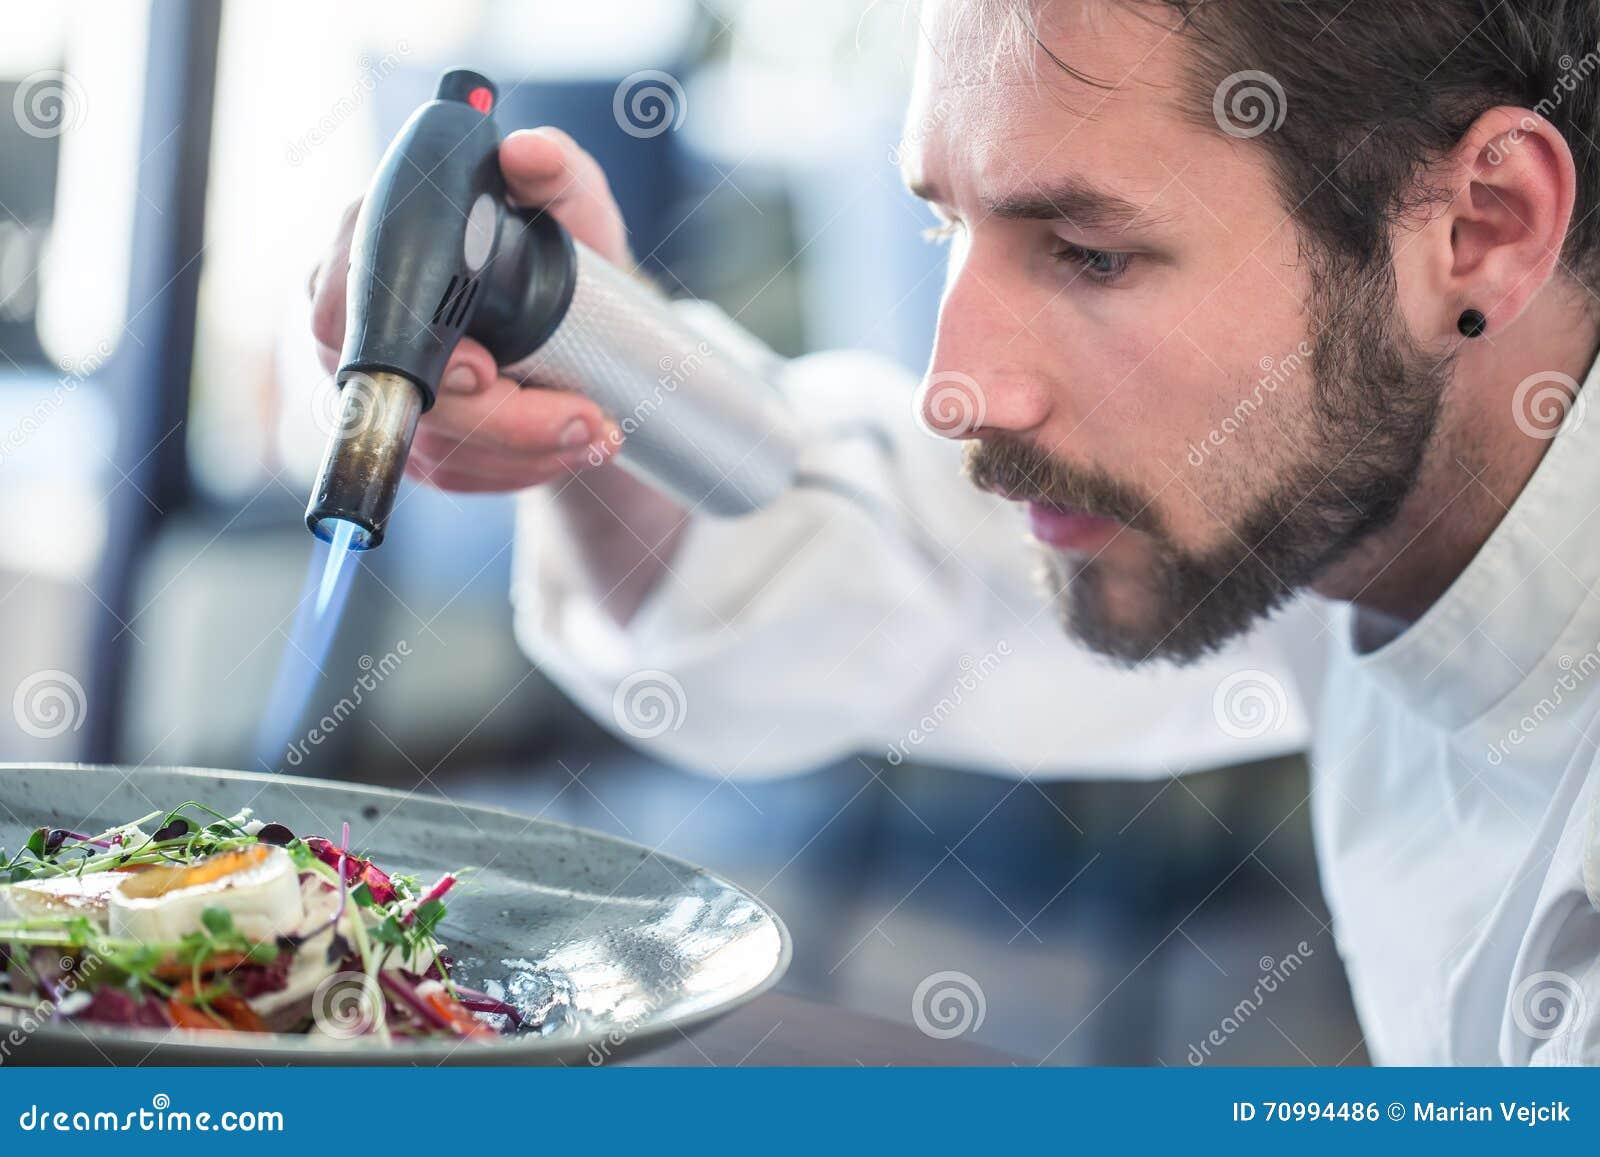 να προετοιμαστεί τροφίμω& Ο μάγειρας φλεγόταν χρησιμοποιώντας το πιστόλι πυροβόλων όπλων Flambé Φυτική σαλάτα αρχιμαγείρων flamb